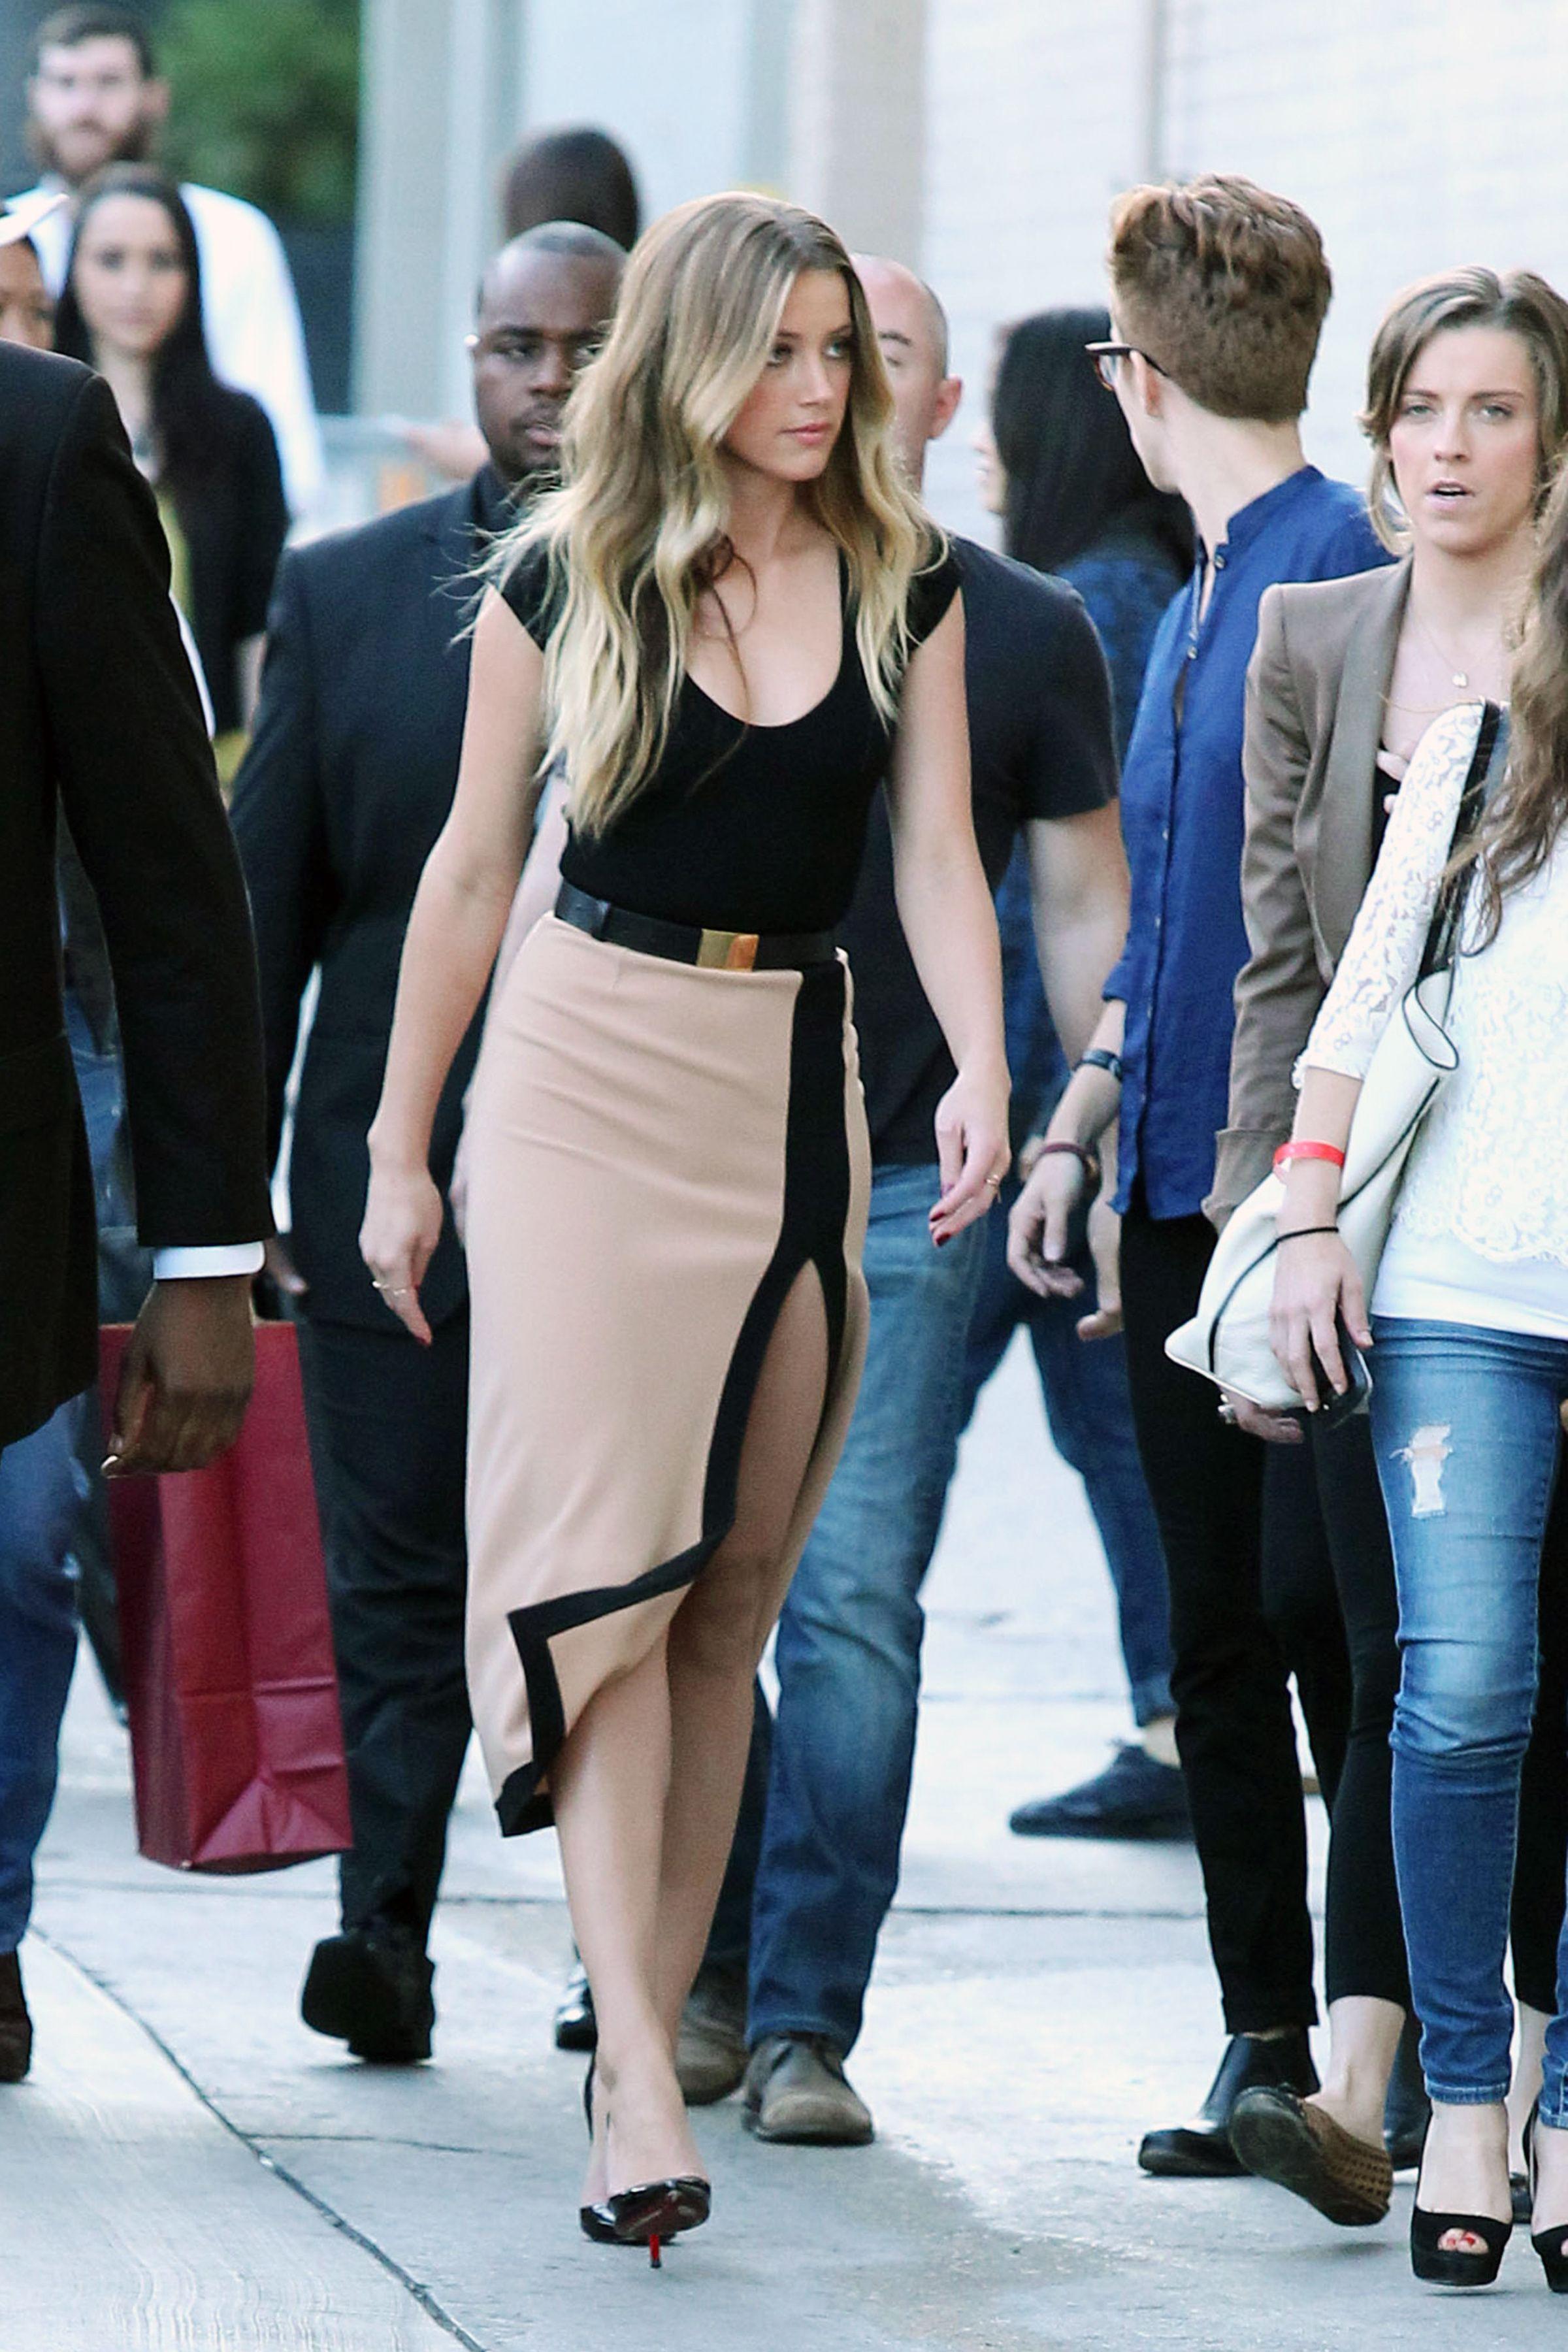 Amber Heard Photos Photos - Amber Heard Shows Some Leg on